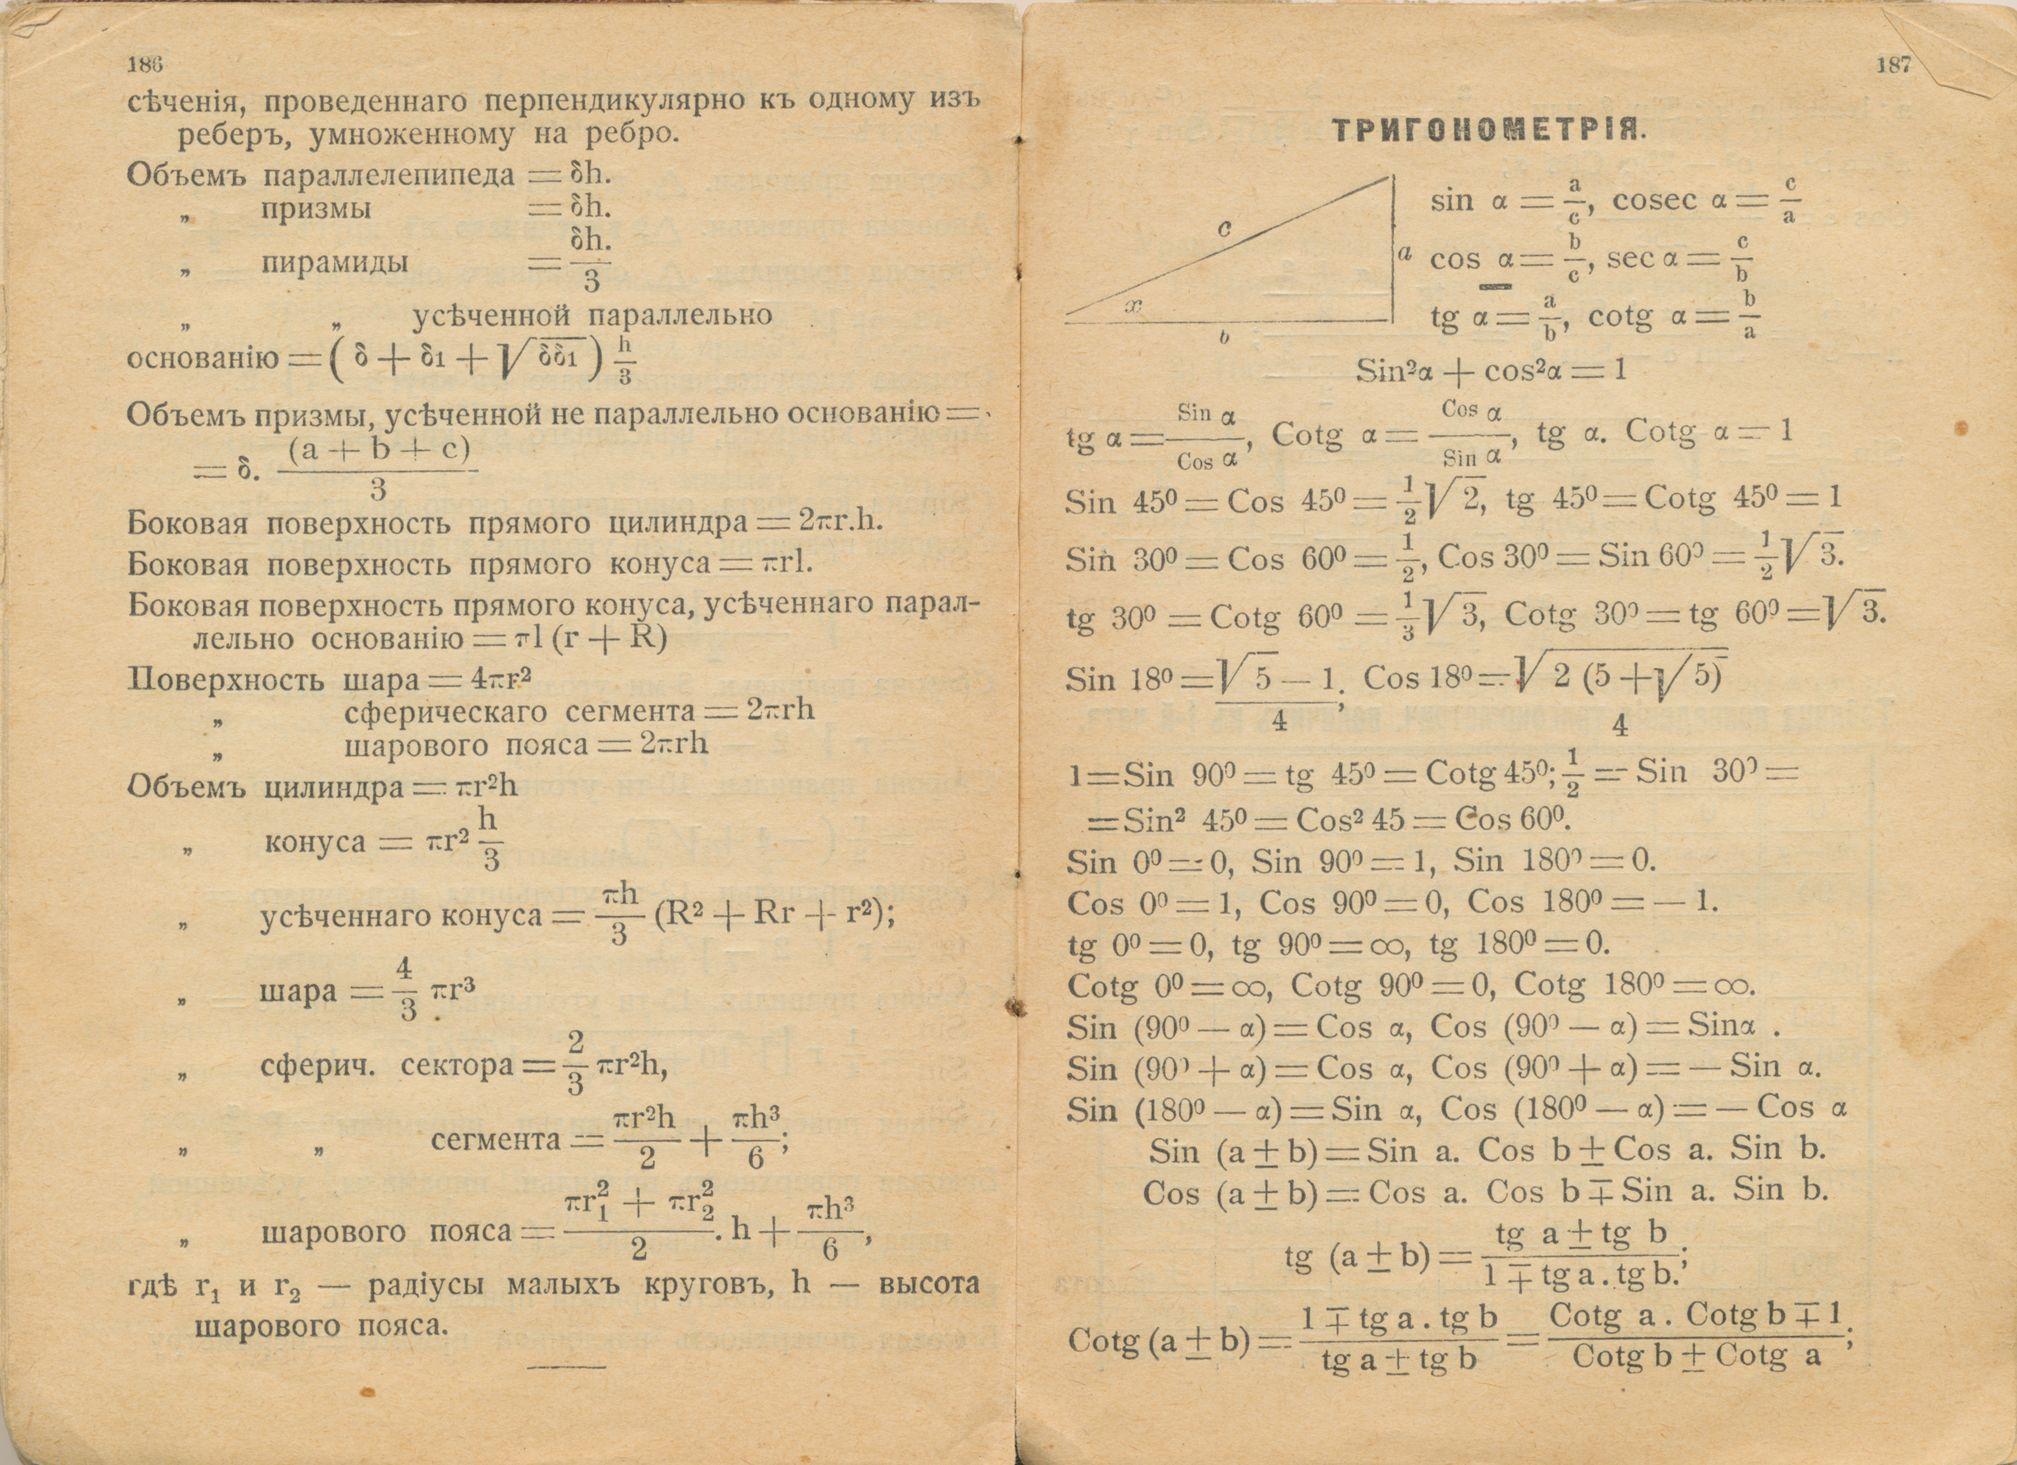 1 сентября 110 лет назад: тригонометрия, курс доллара и бенгальские огни - 9